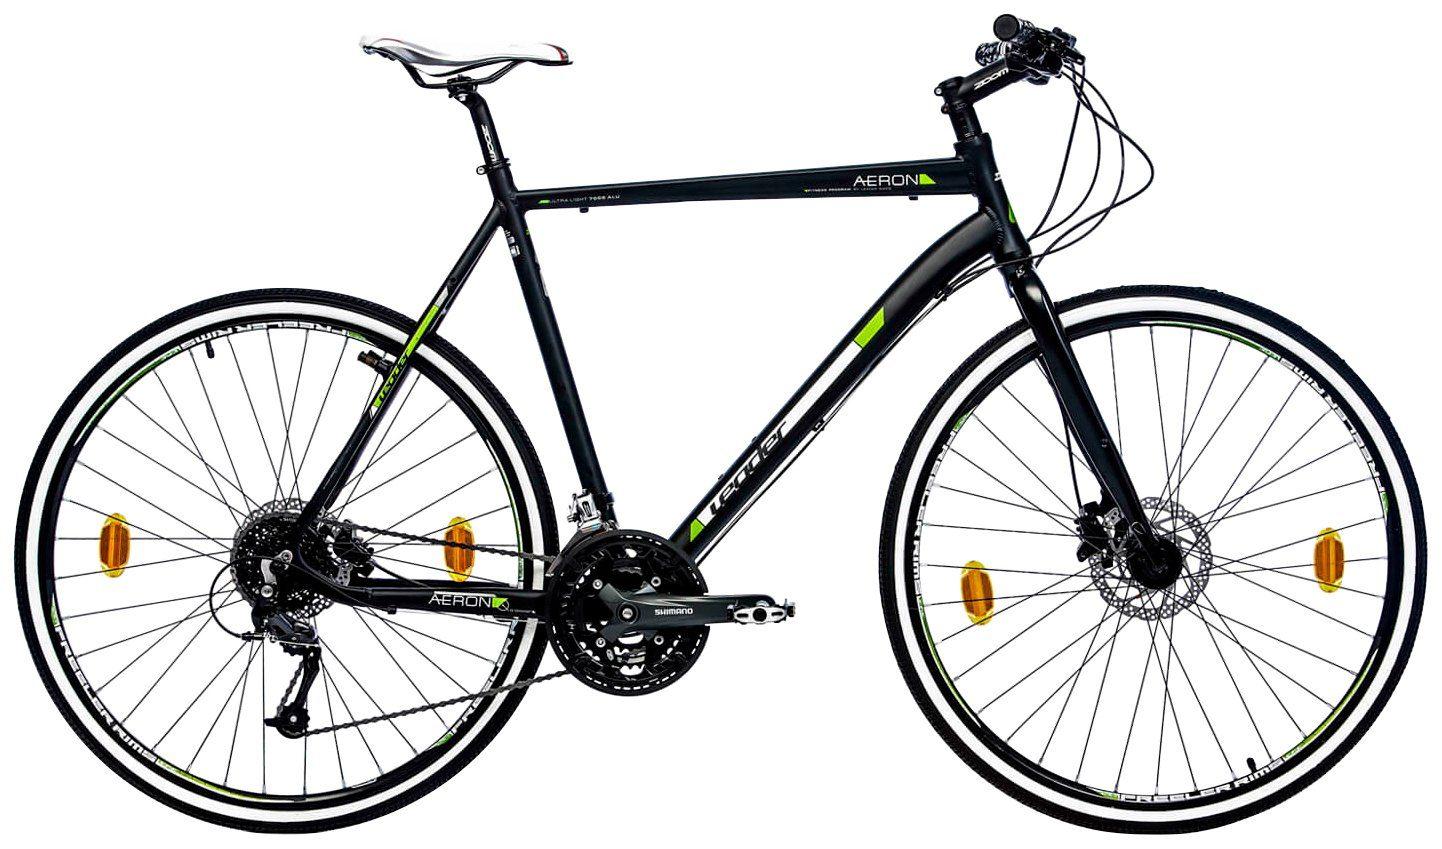 LEADER Crossbike »Aeron 2.0 «, 28 Zoll, 24 Gang, Scheibenbremsen